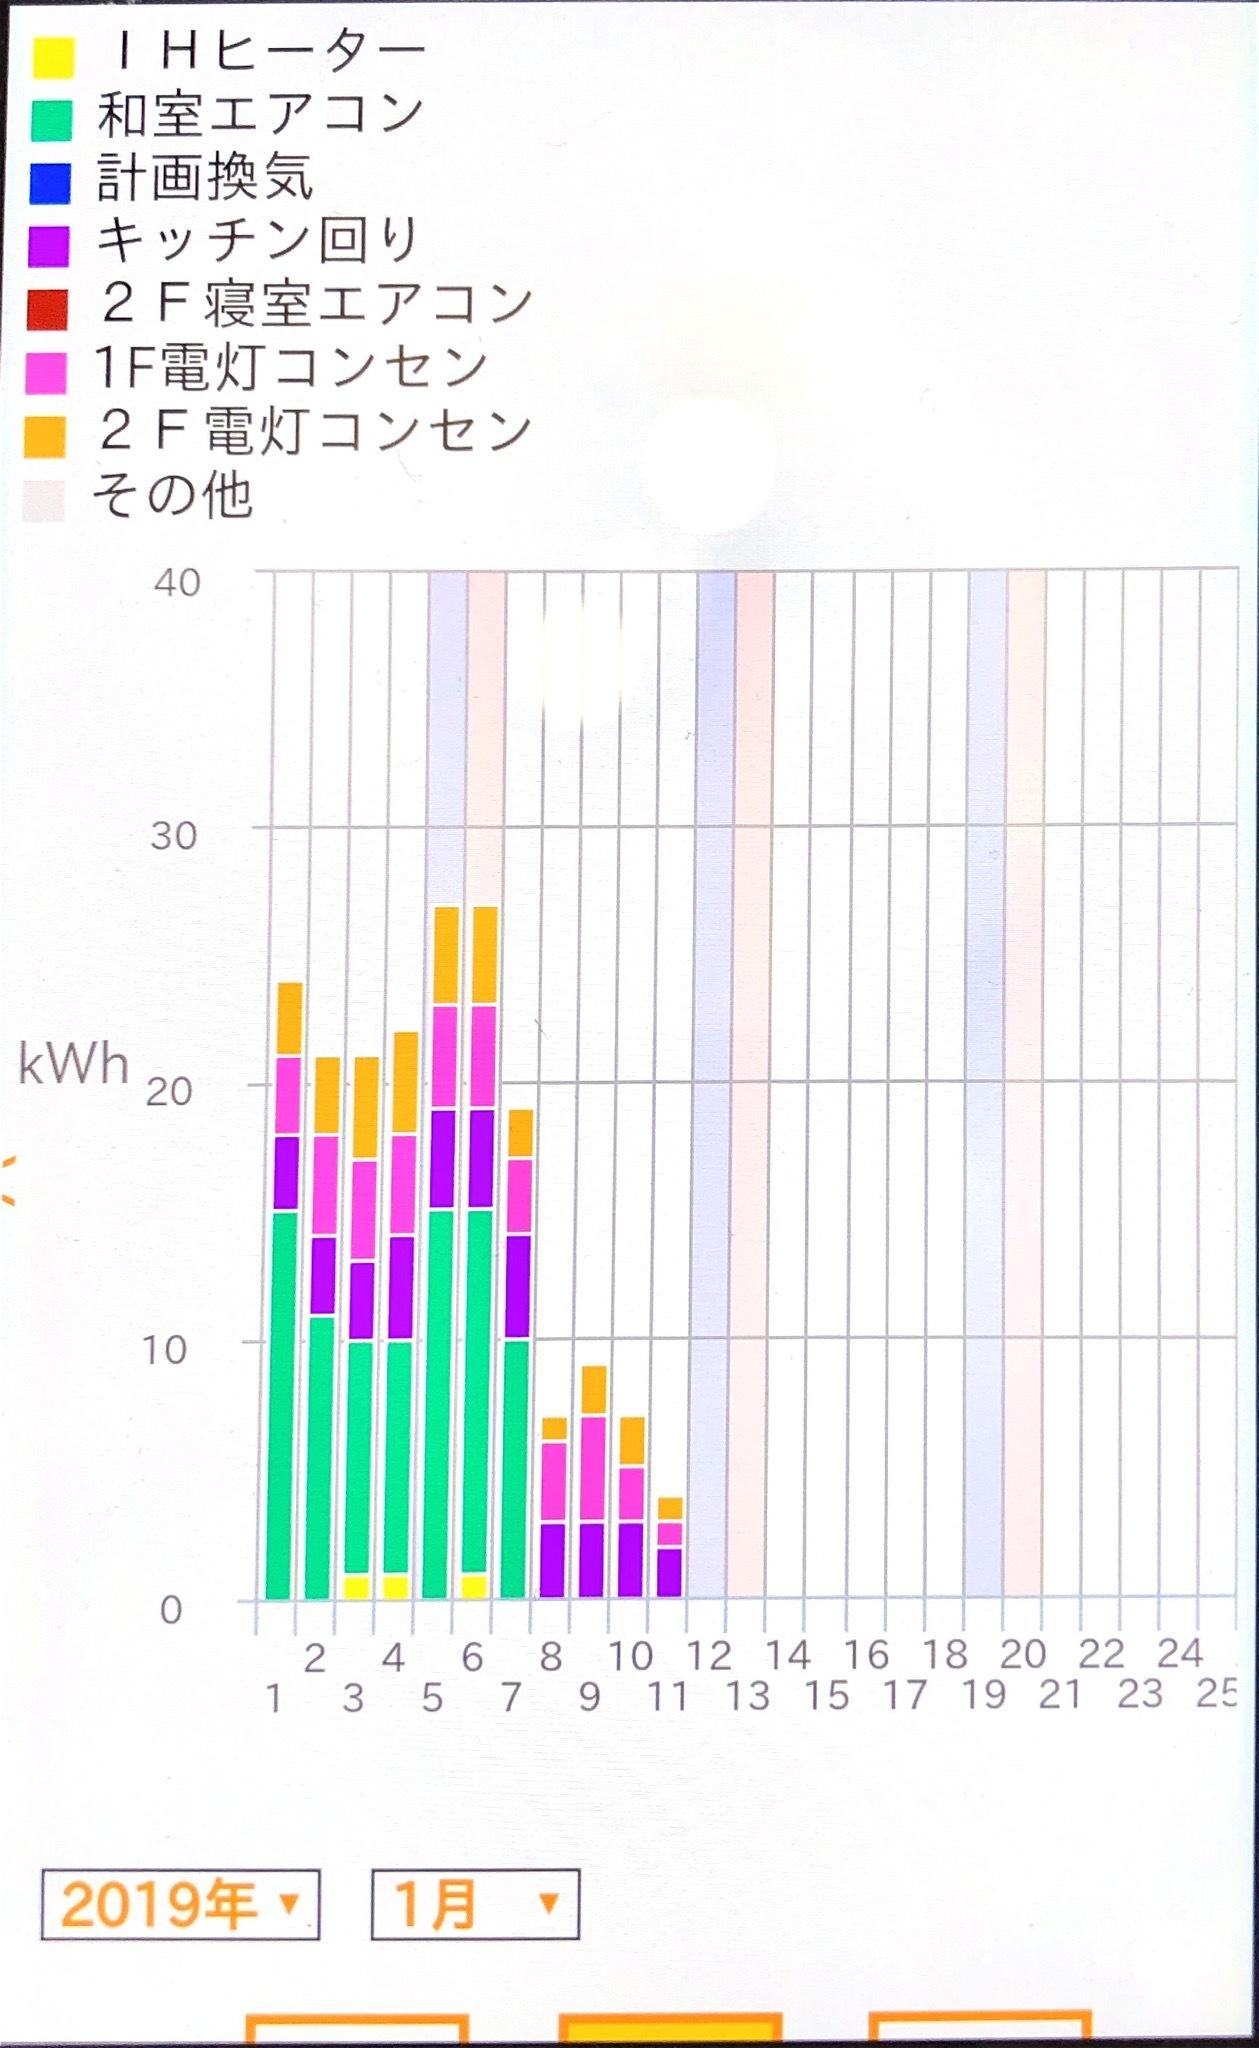 臥竜山の家   温度_f0150893_16091103.jpeg